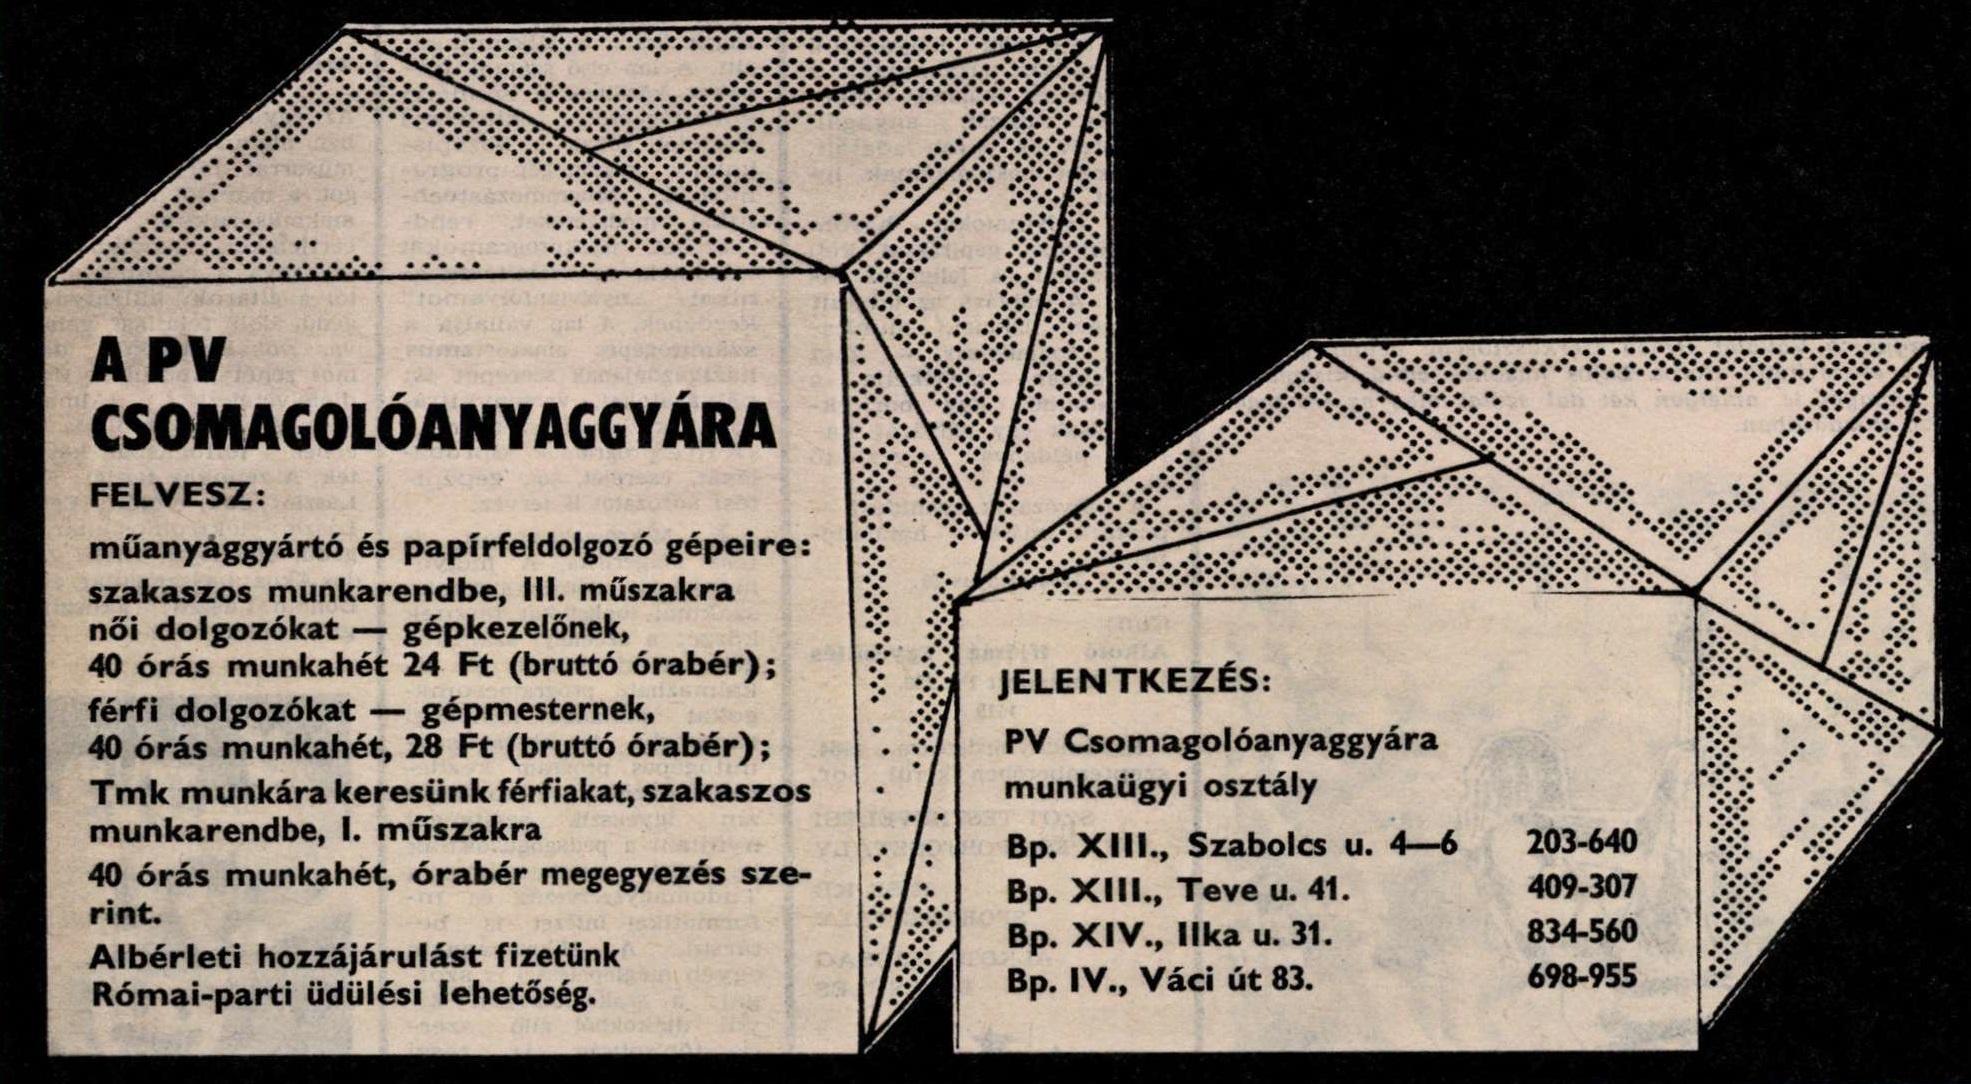 idokapszula_nb_i_1983_84_jugoszlavia_magyarorszag_allasajnlat_1.jpg